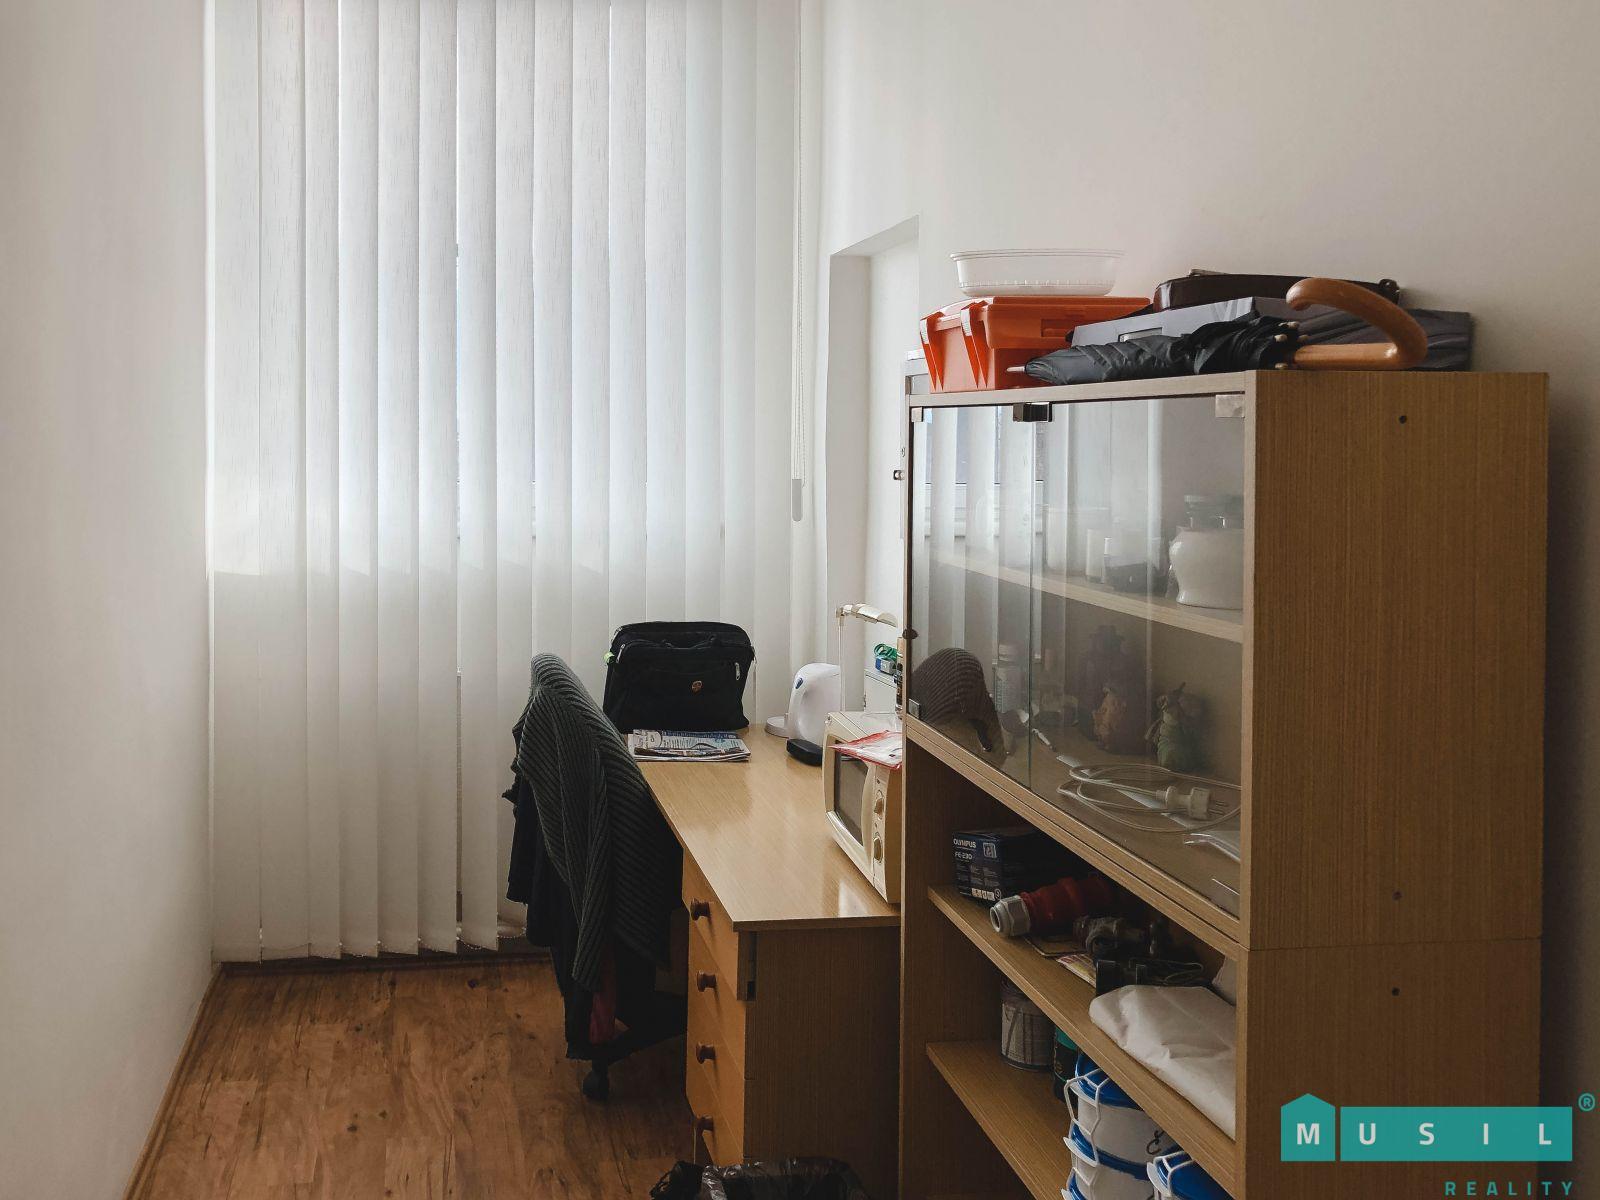 Pronájem dvoj-kanceláře 27 m2 v areálu na ul. Olomoucká, Olomouc - Horka nad Moravou